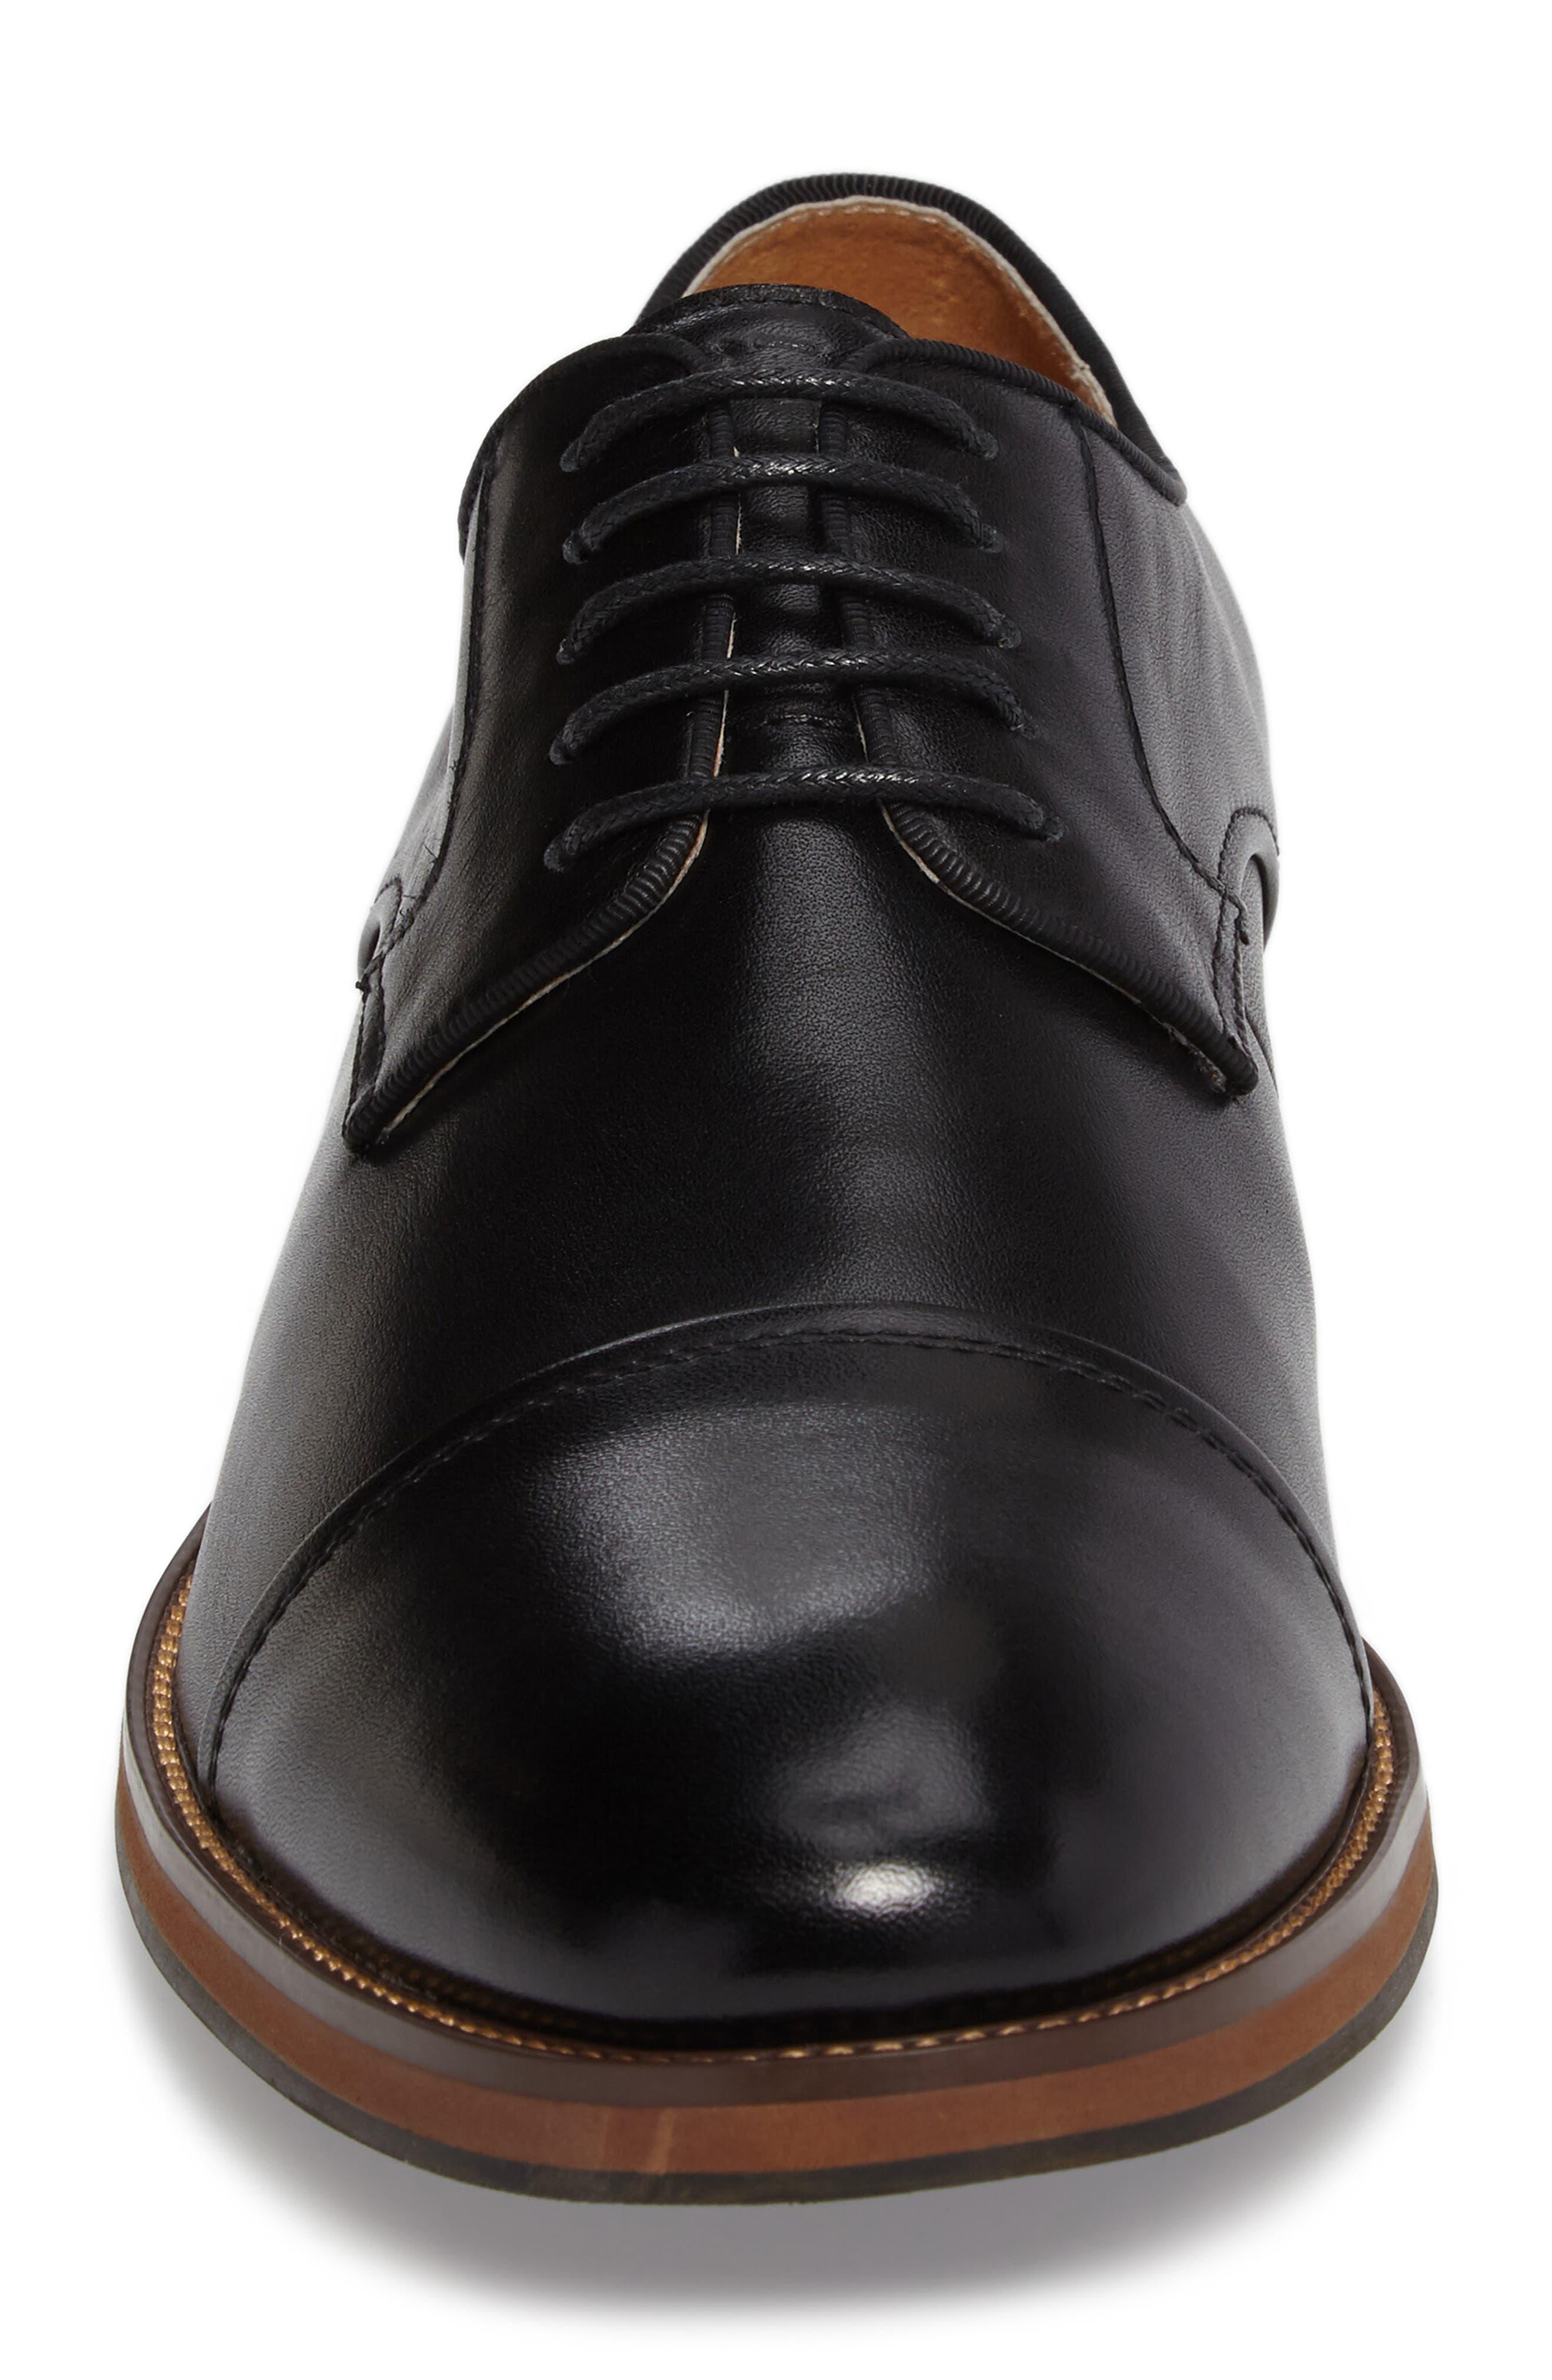 Blaze Cap Toe Derby,                             Alternate thumbnail 4, color,                             Black Leather